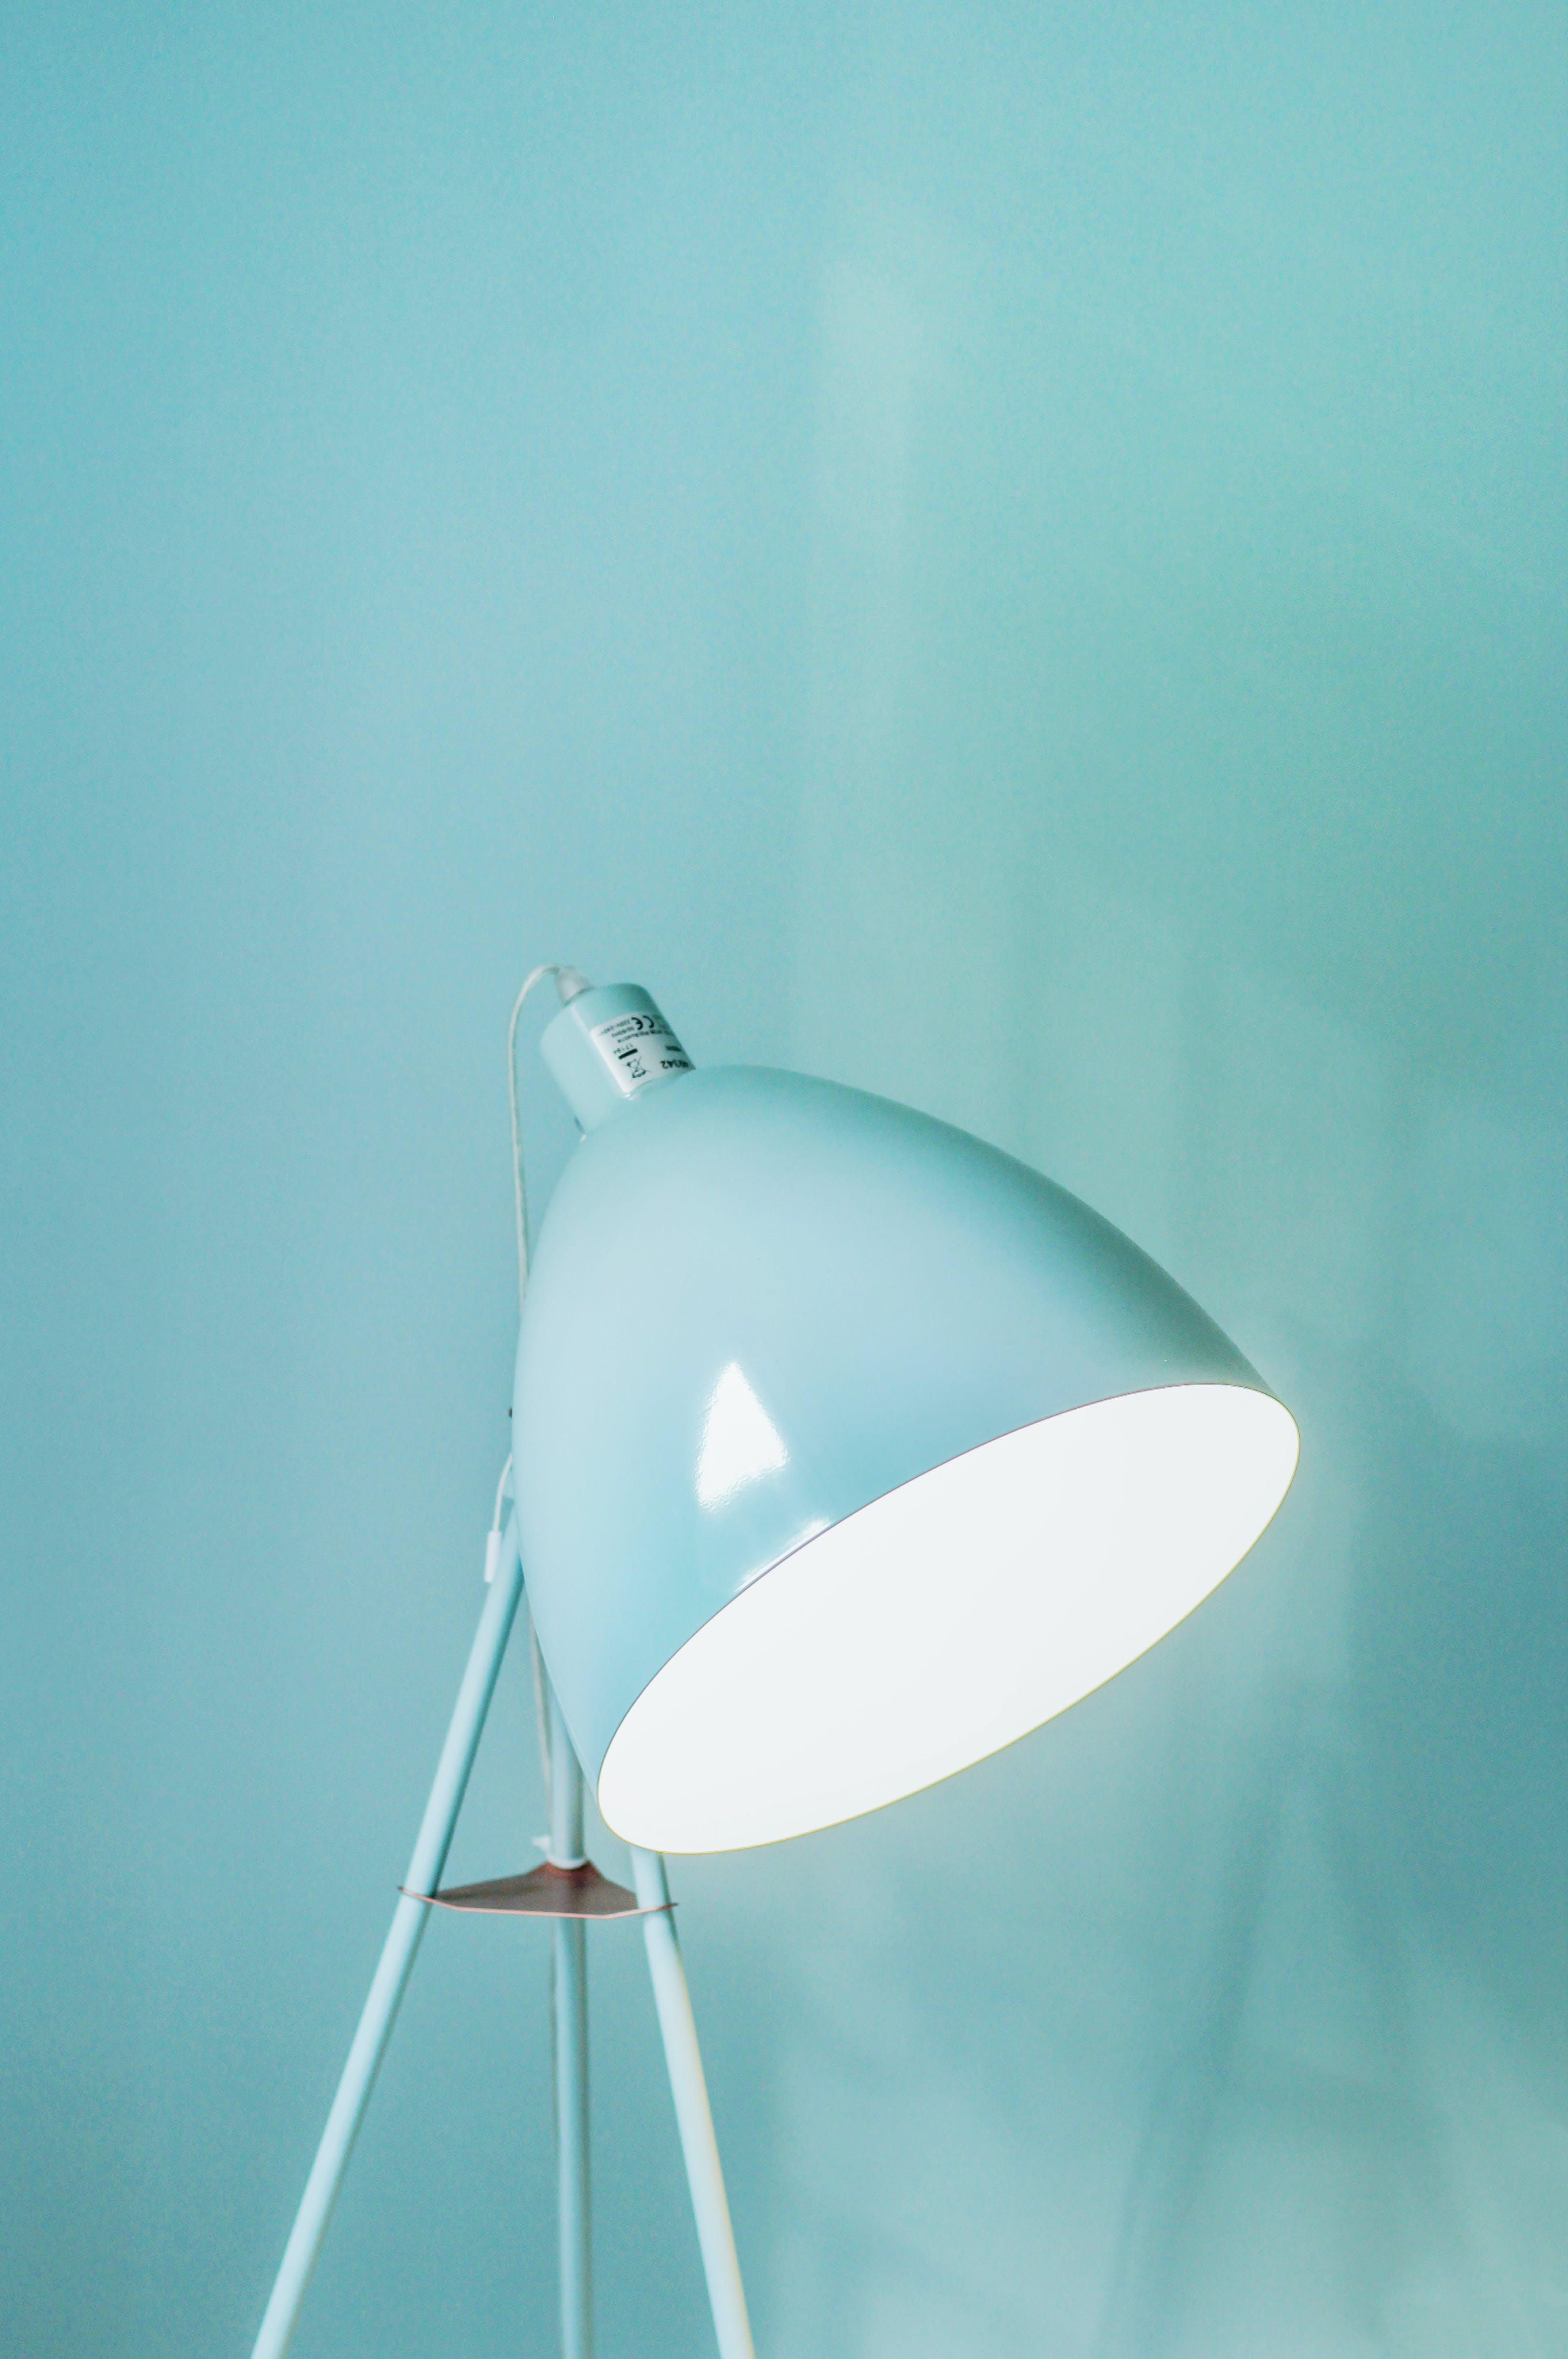 Kostenloses Stock Foto zu blau, blauem hintergrund, design, drinnen